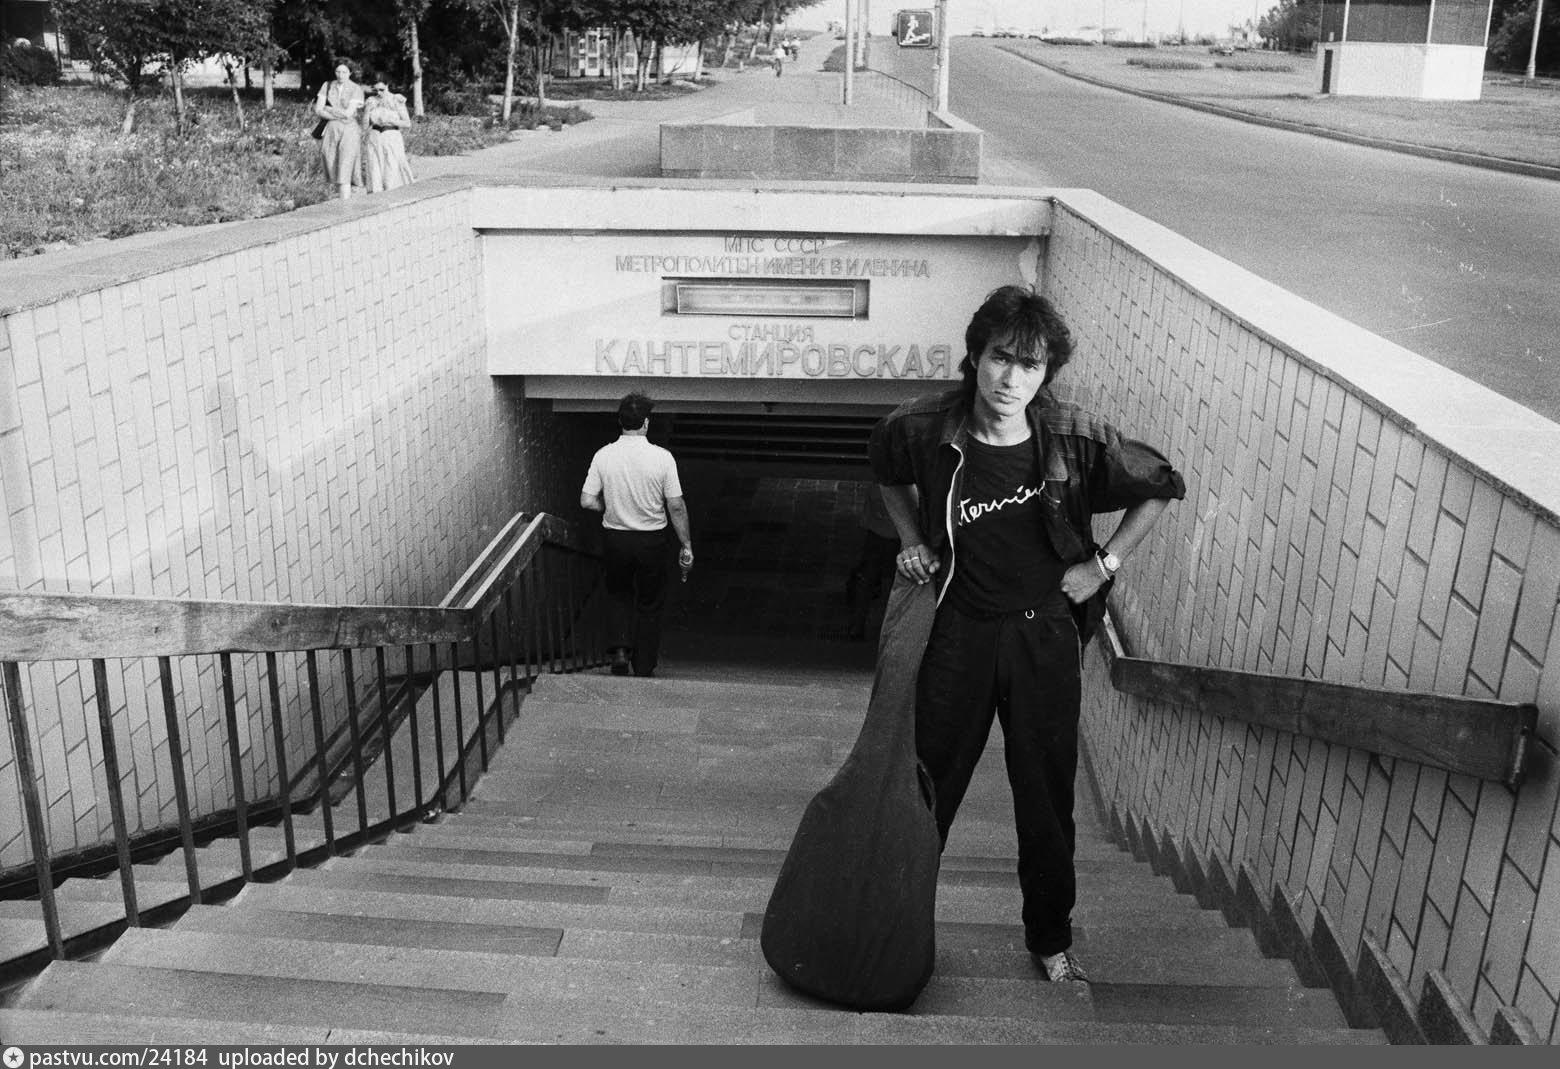 Кантемировская выход 1 1986.jpg